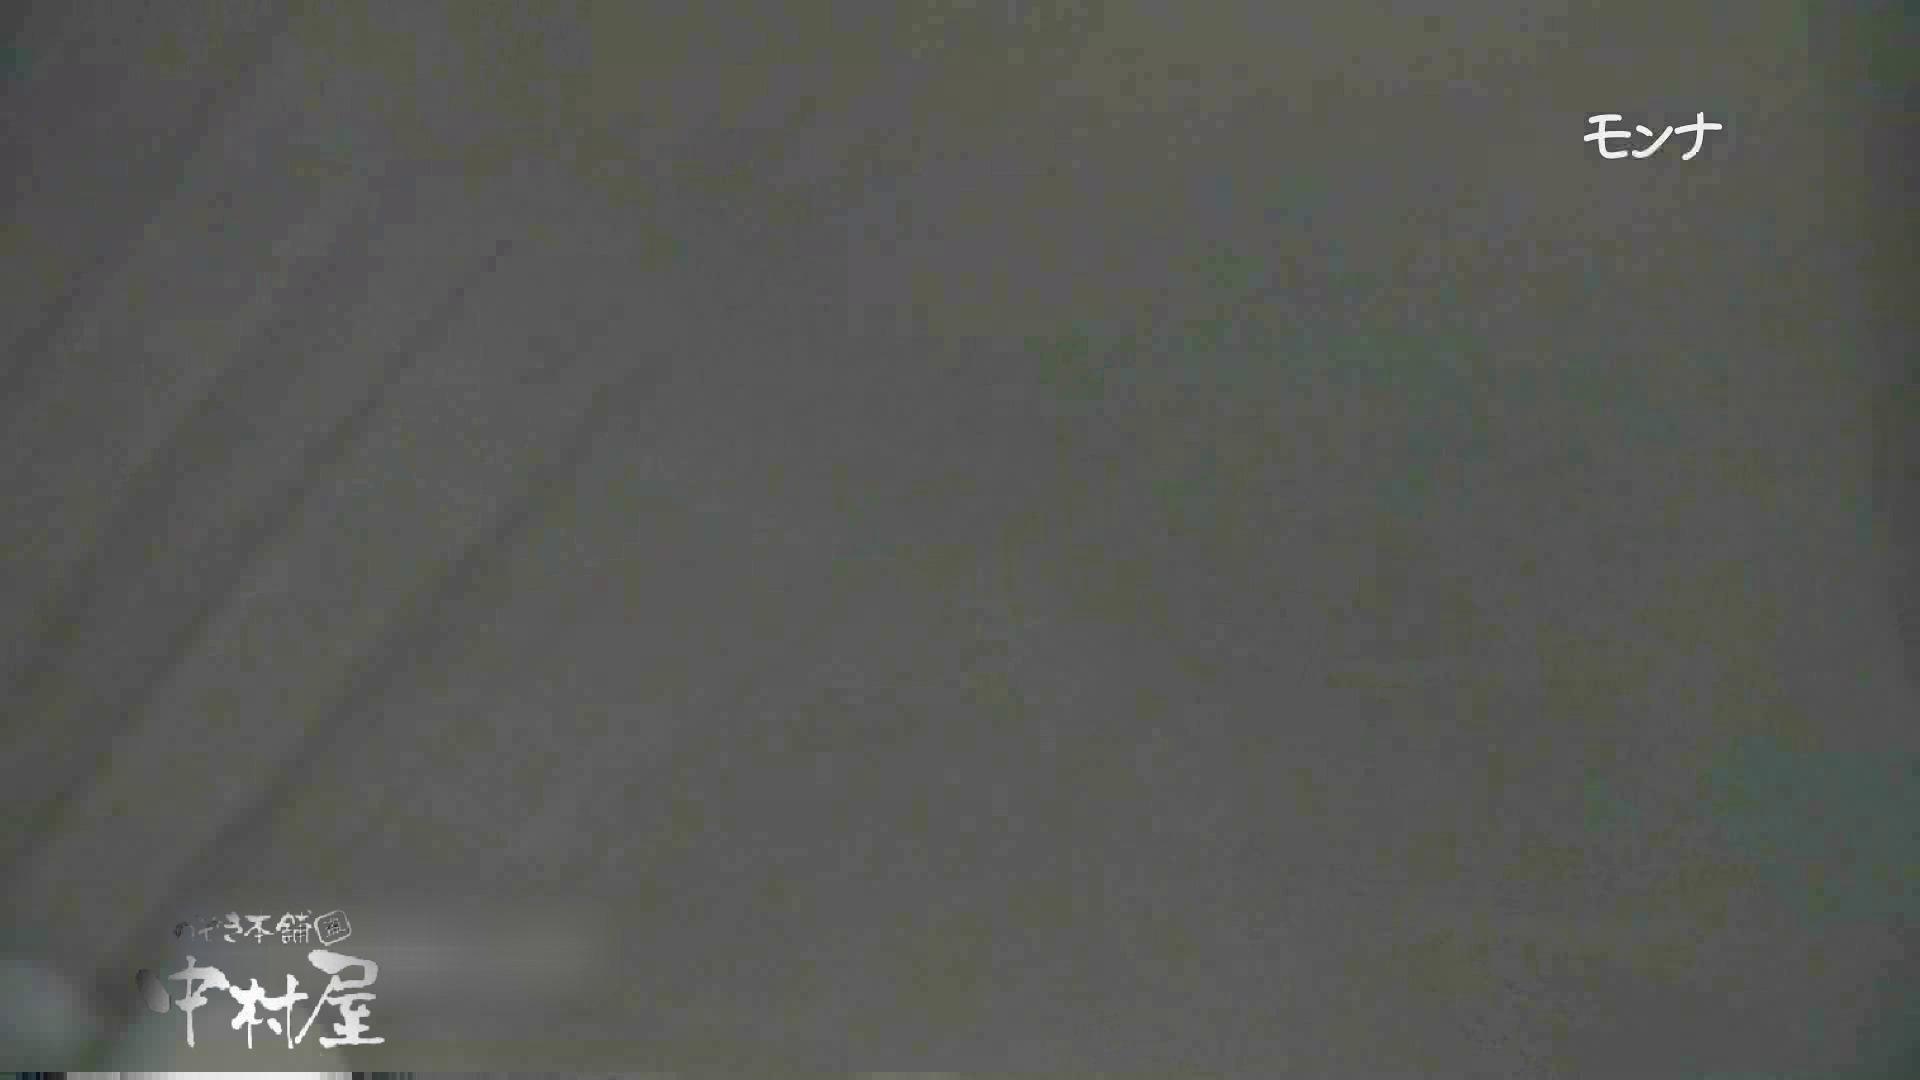 【美しい日本の未来】遂に!!戸田恵梨香似の予告モデル登場ダッシュで「大」後編 おまんこ見放題  101PIX 54